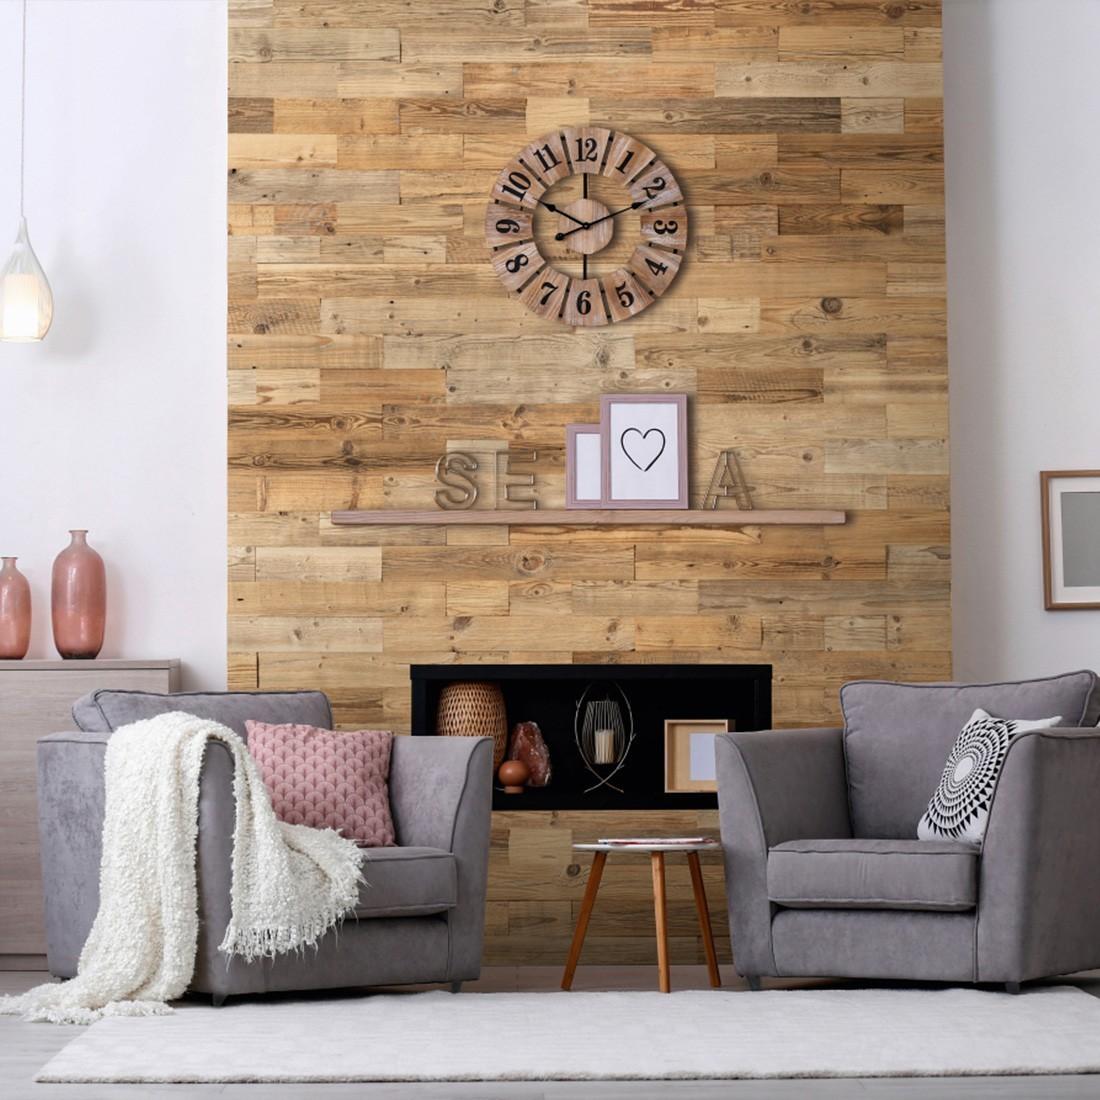 parement bois decoratif mur en bois interieur panneau mural bois